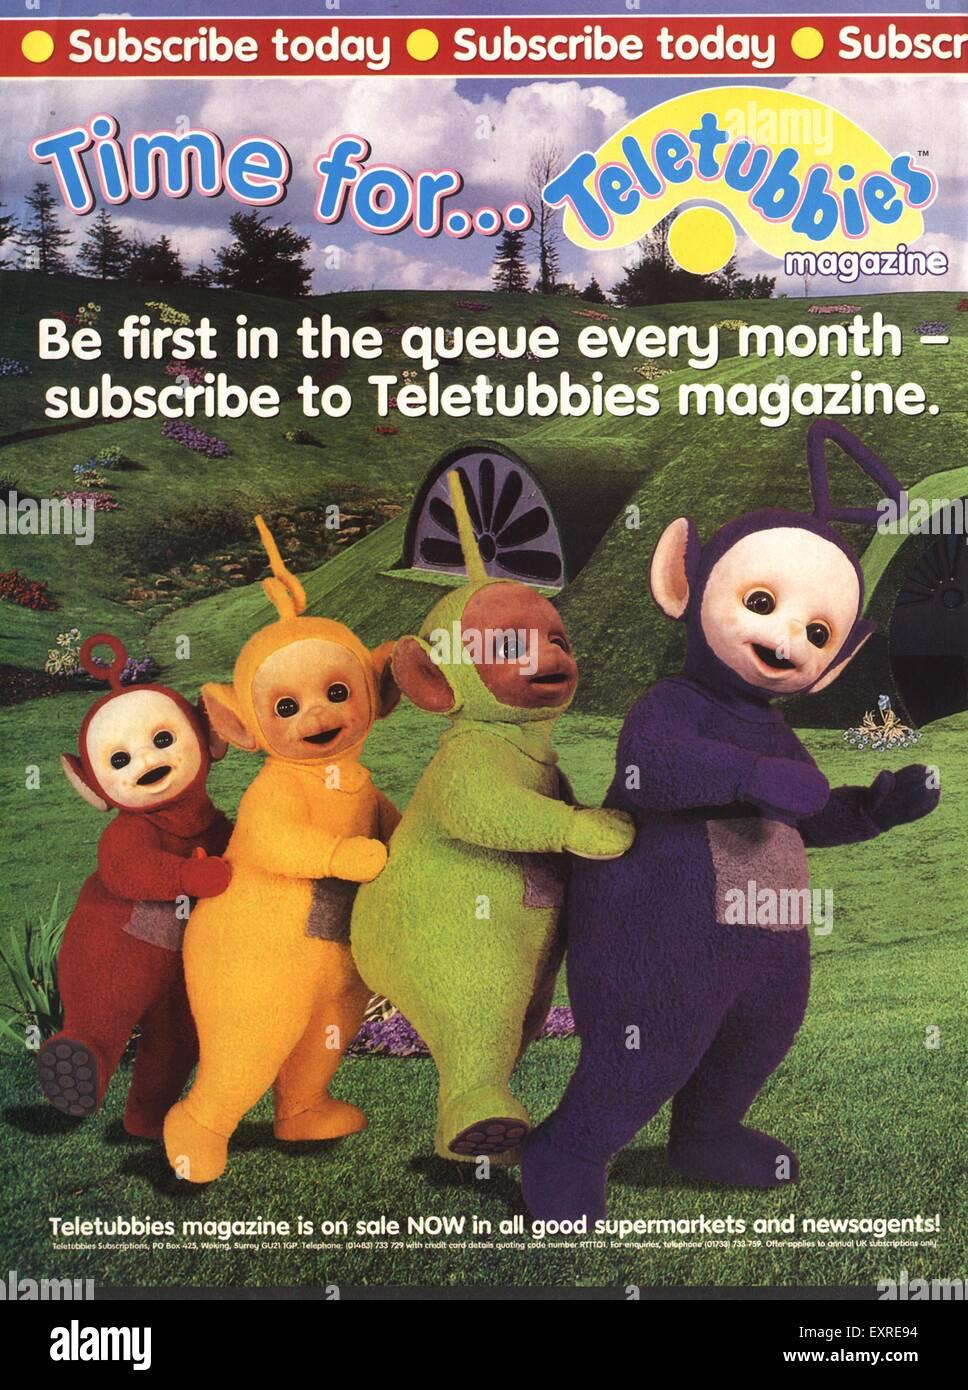 Teletubbies Stock Photos & Teletubbies Stock Images - Alamy